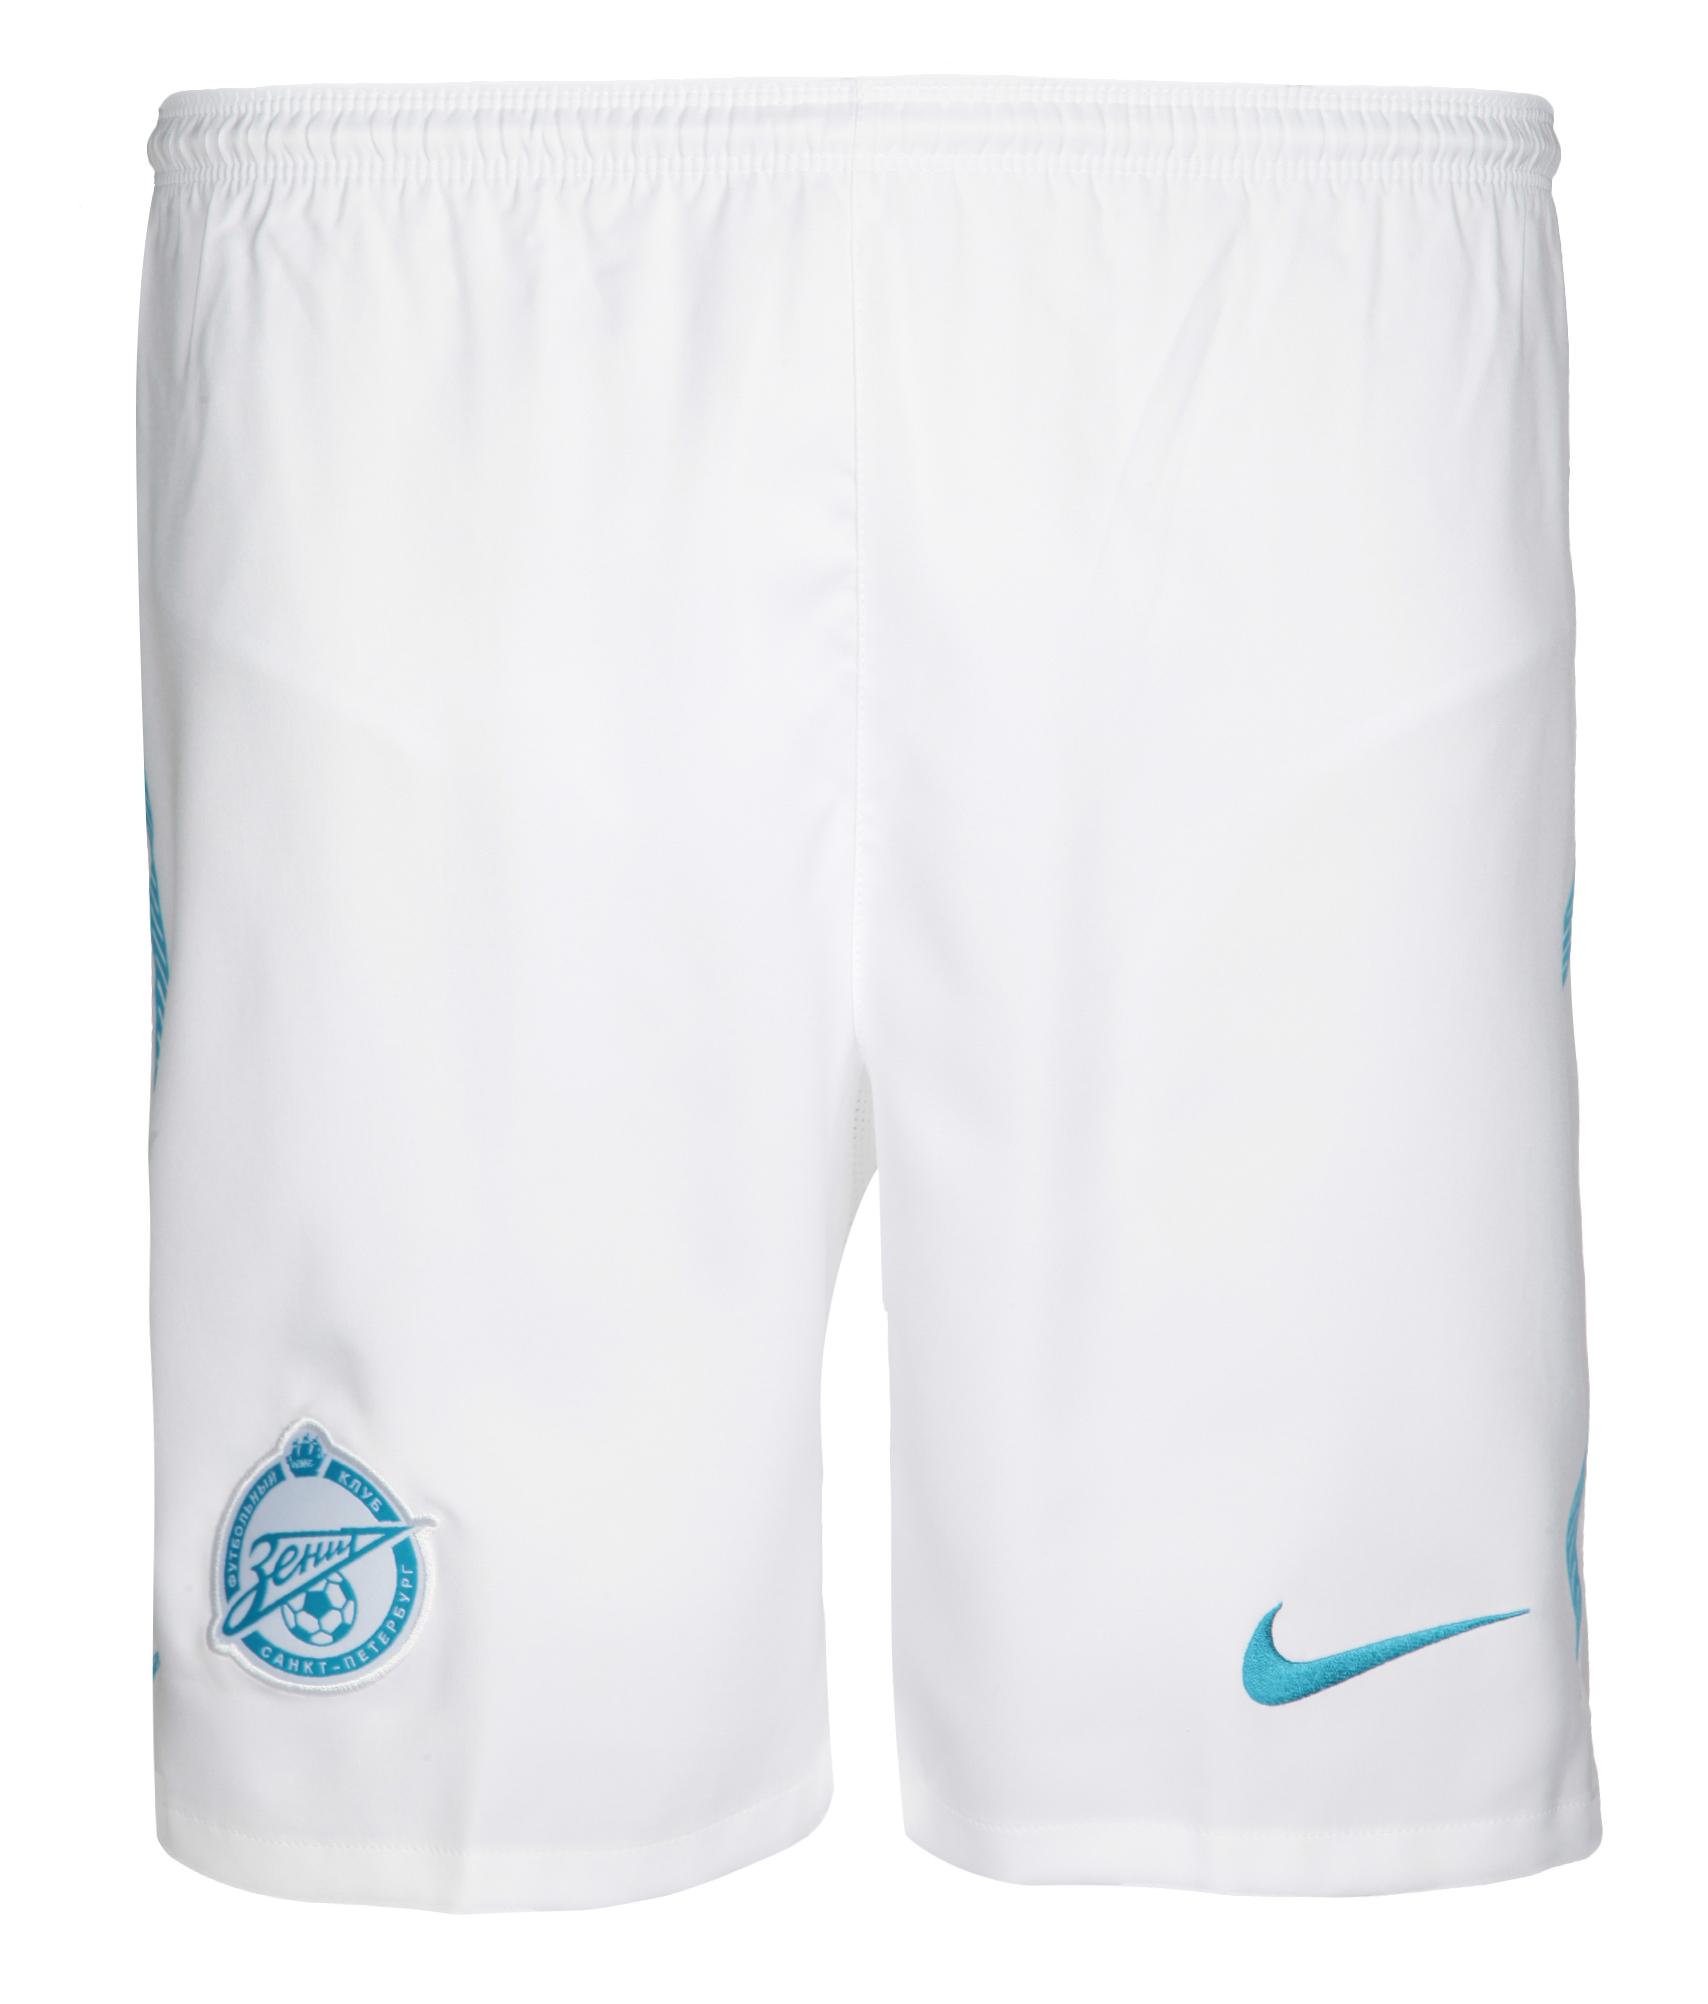 Шорты Nike выездные оригинальные 2011 Зенит Цвет-Белый